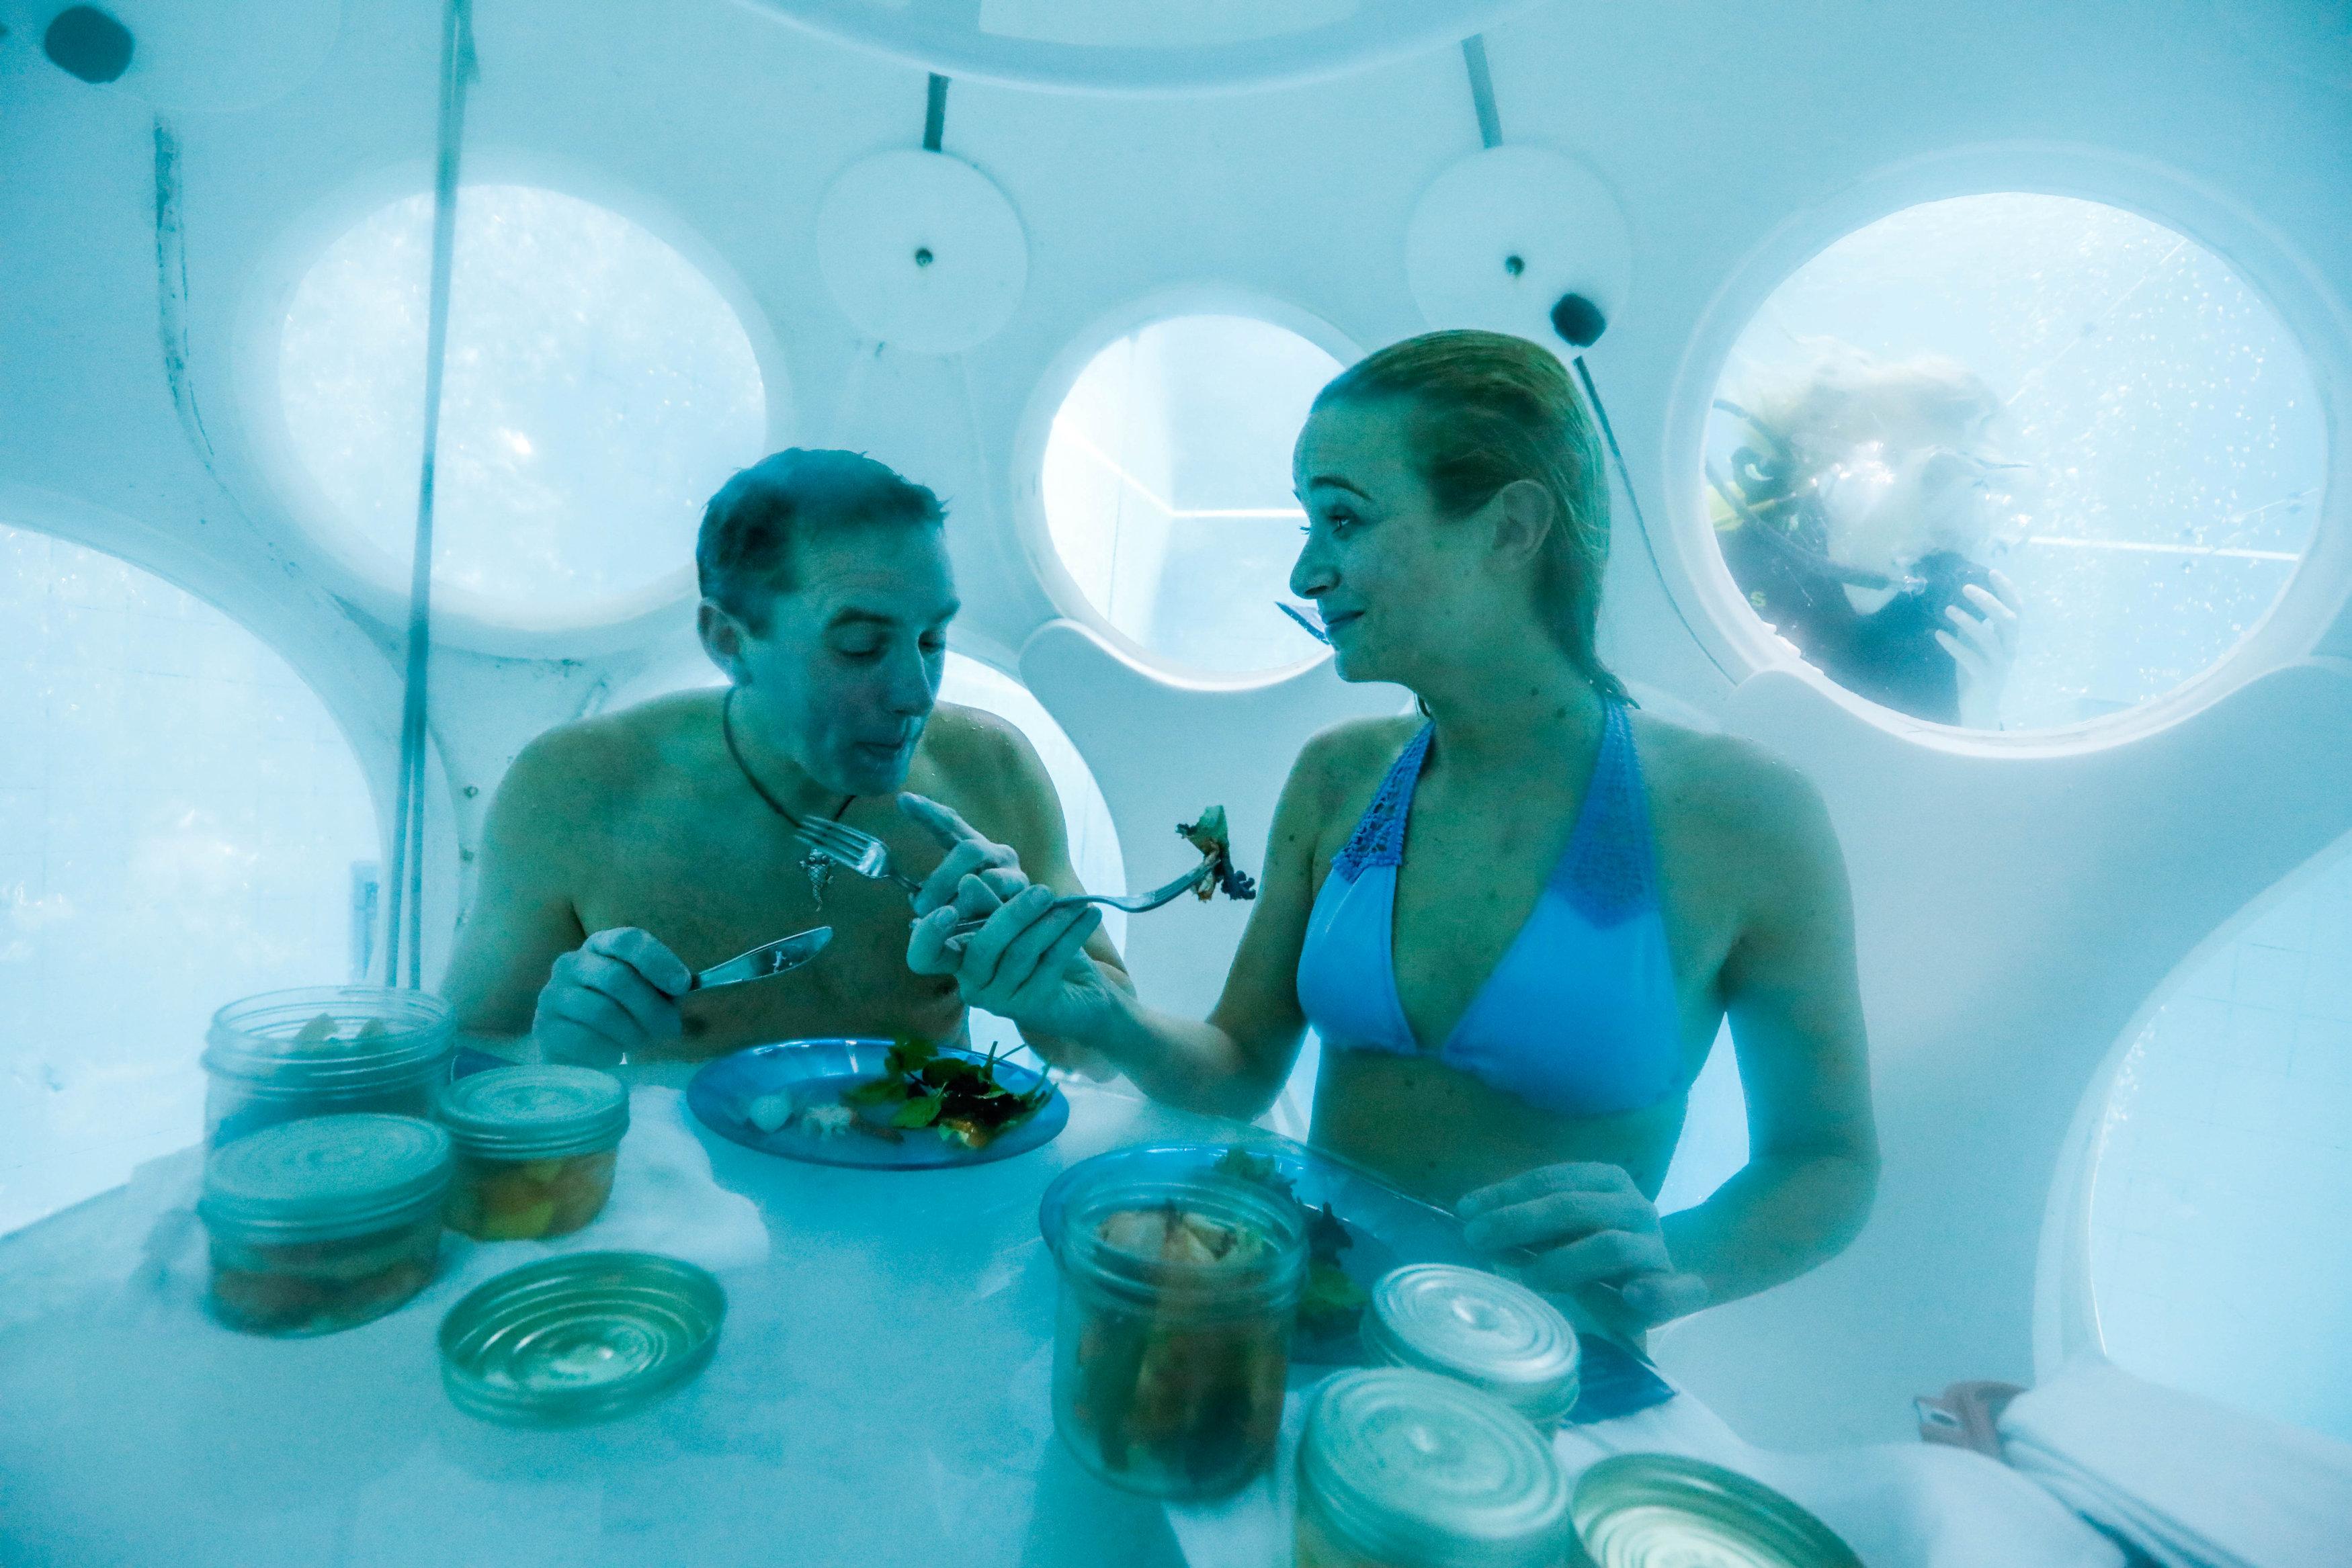 1265634-السعادة-تسيطر-على-الثنائى-البلجيكى-أثناء-تناول-الغداء-داخل-مطعم-تحت-الماء